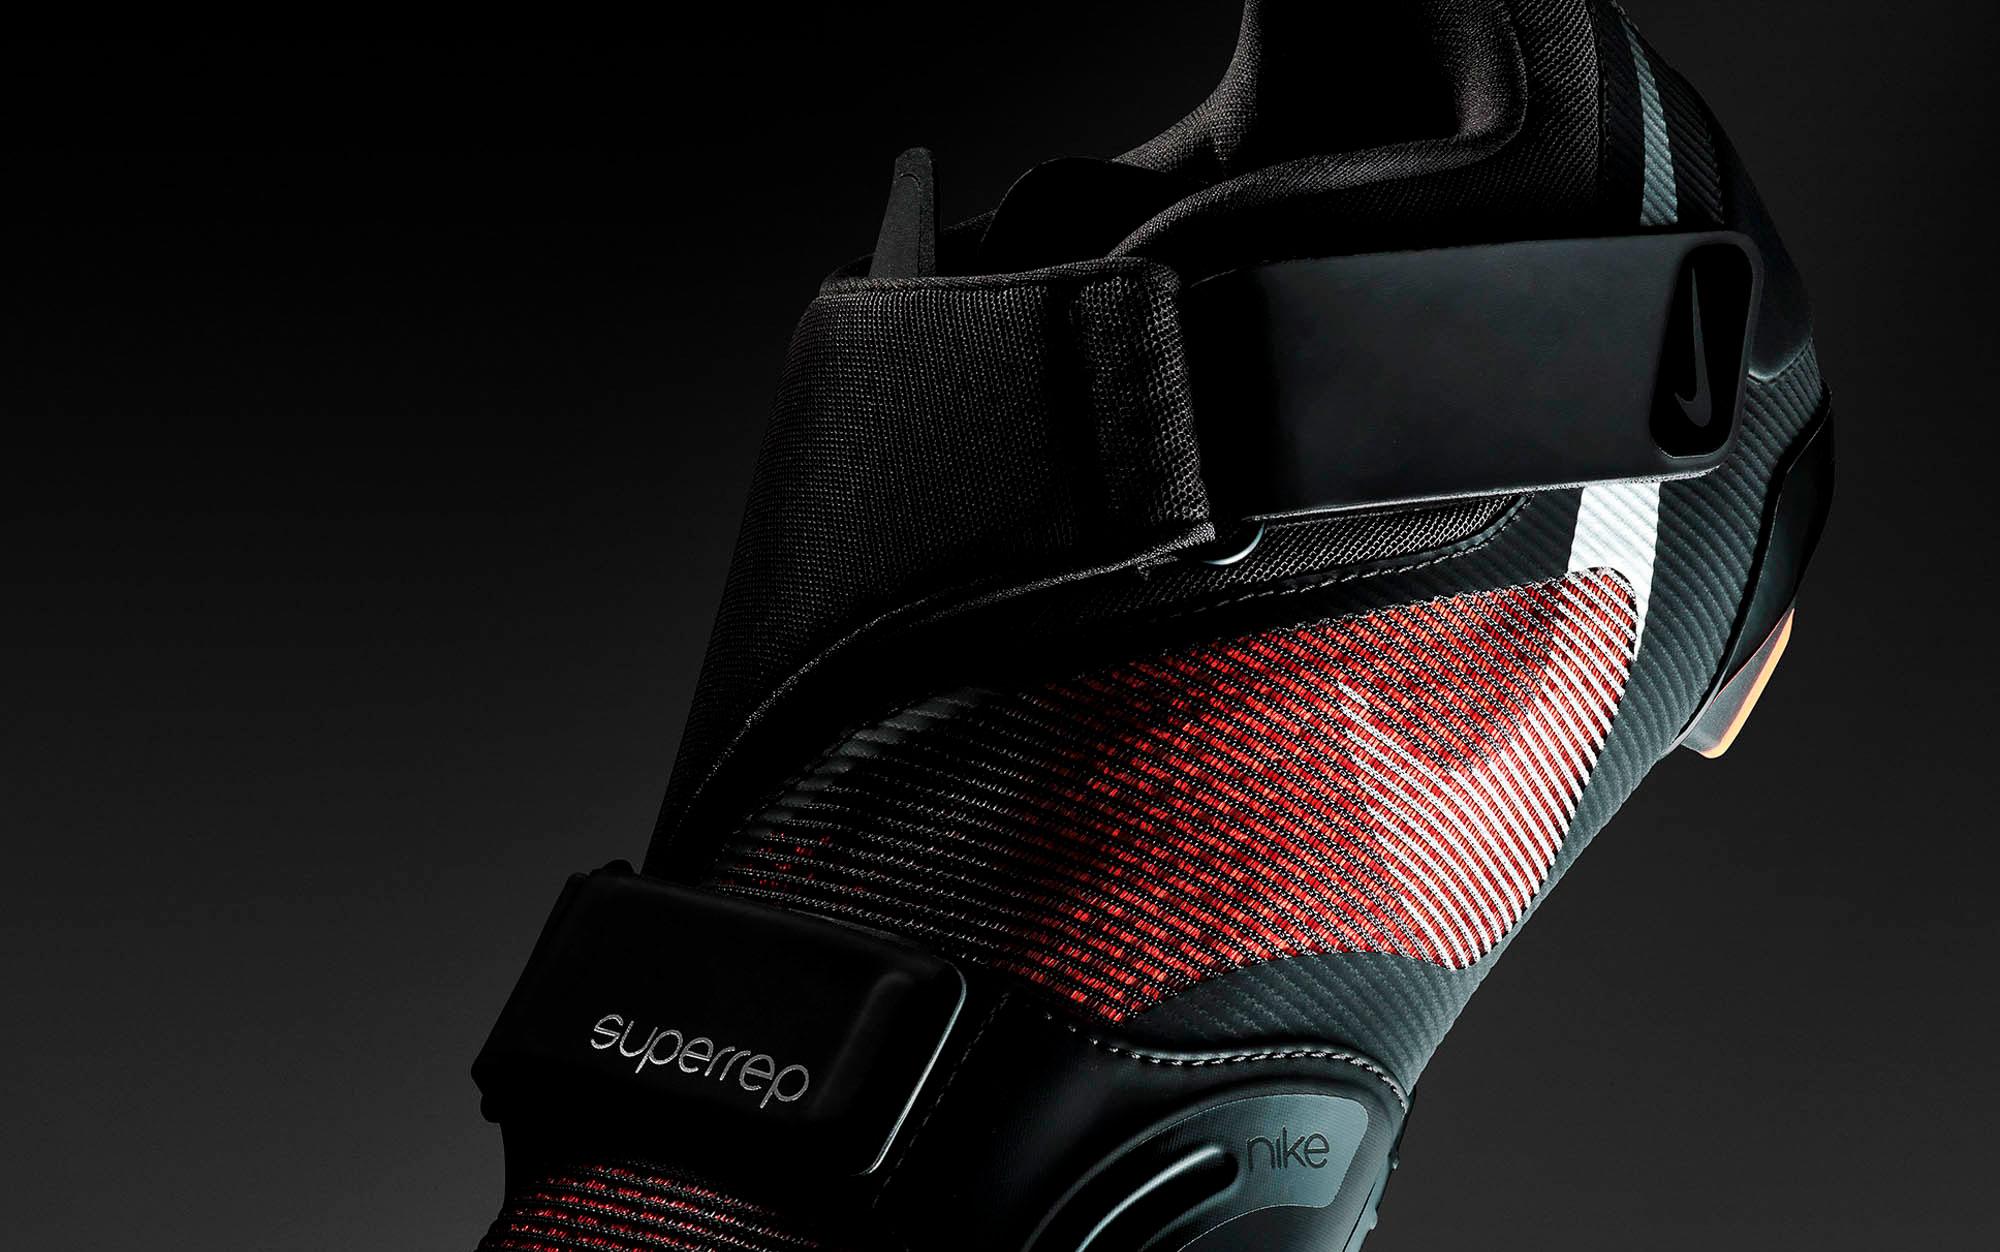 orden Me preparé Cielo  El retorno de Nike al ciclismo, llegan sus zapatillas Nike SuperRep Cycle